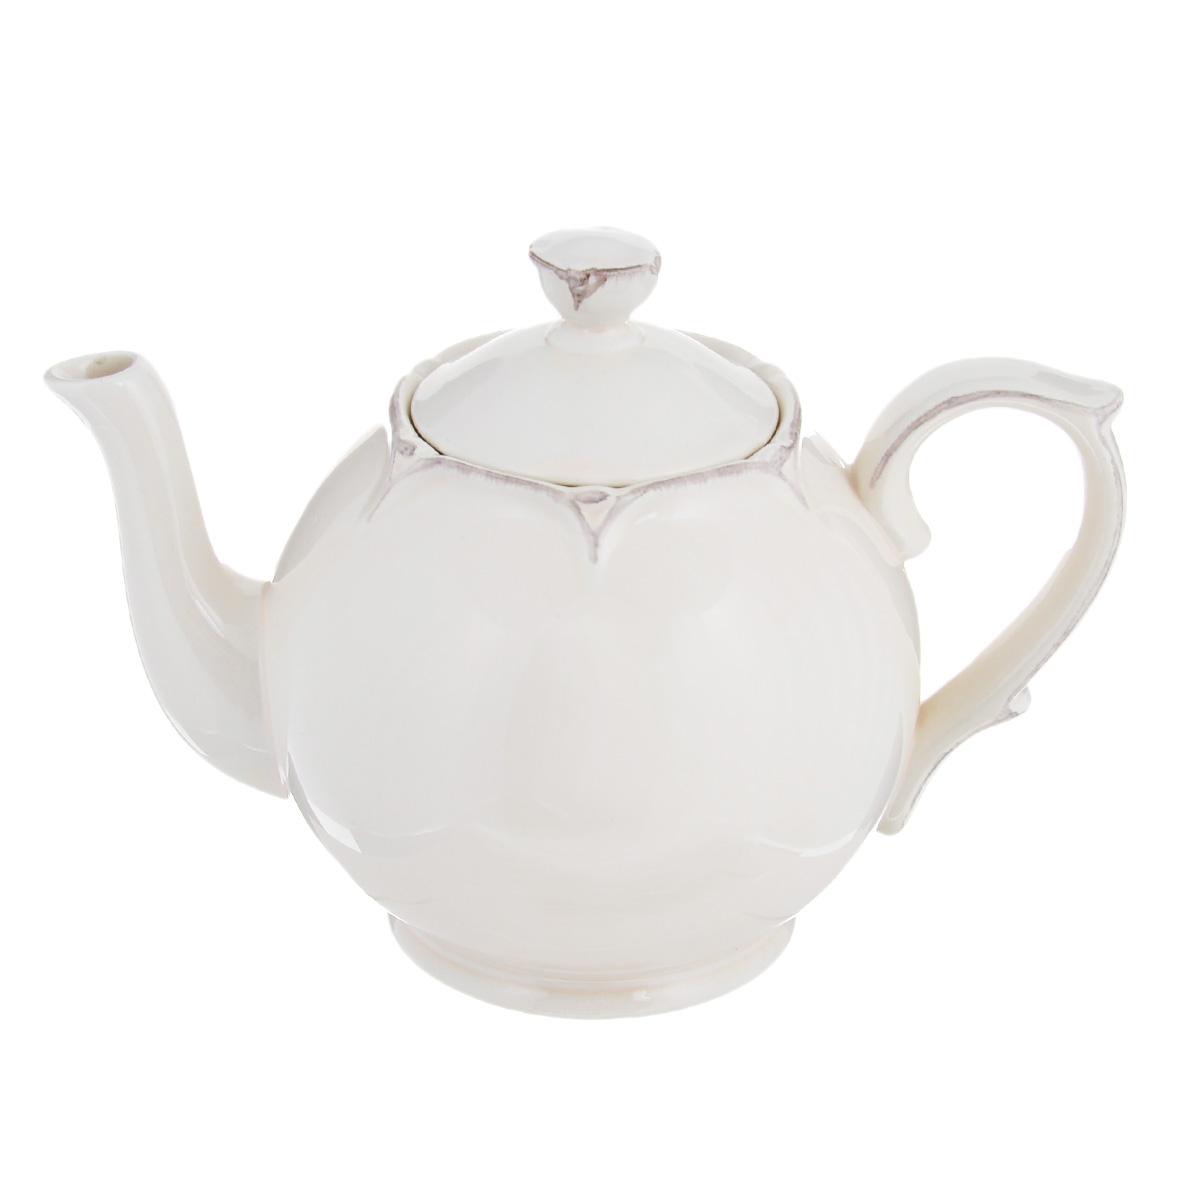 Чайник заварочный Lillo Ideal, цвет: молочный, 1 лRDS-367Чайник заварочный Lillo Ideal изготовлен из высококачественной керамики. Чайник станет отличным дополнением к вашему кухонному инвентарю, а также украсит сервировку стола и подчеркнет прекрасный вкус хозяина.Можно использовать в посудомоечной машине и микроволновой печи. Диаметр чайника (по верхнему краю): 6,5 см.Диаметр основания чайника: 8,5 см.Высота чайника (без учета крышки и ручки): 12,5 см.Объем чайника: 1 л.